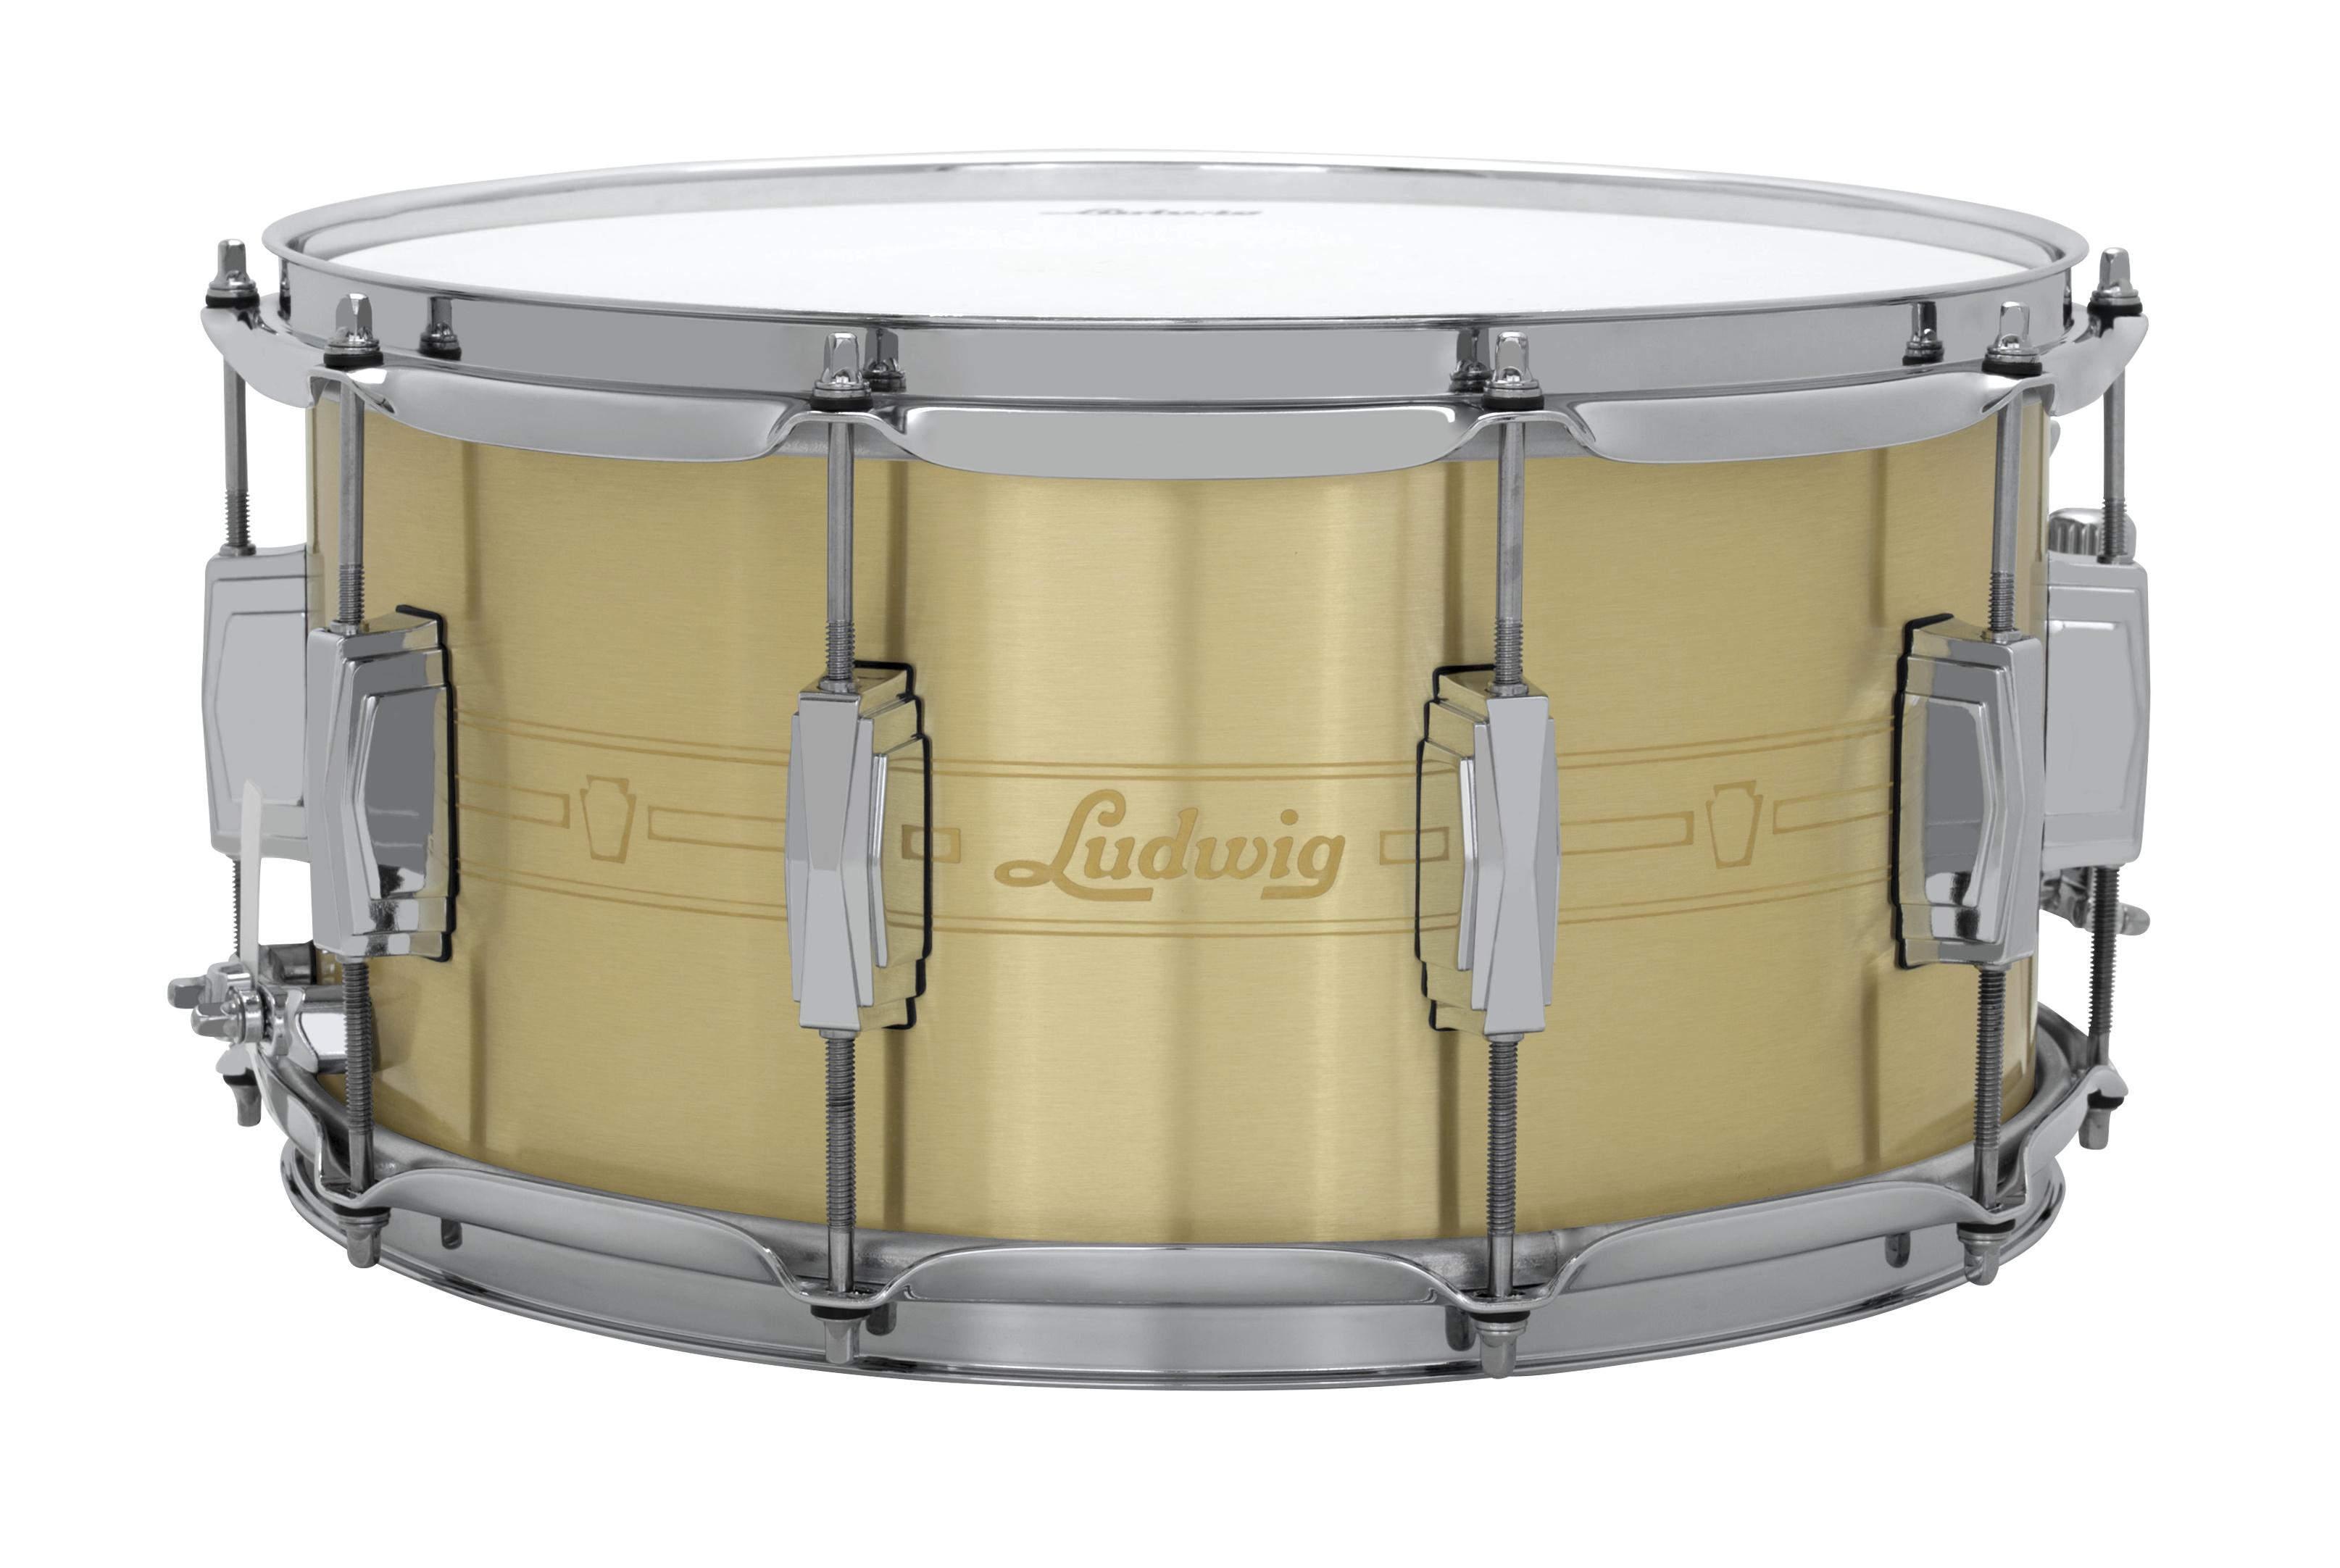 ludwig drums heirloom brass. Black Bedroom Furniture Sets. Home Design Ideas